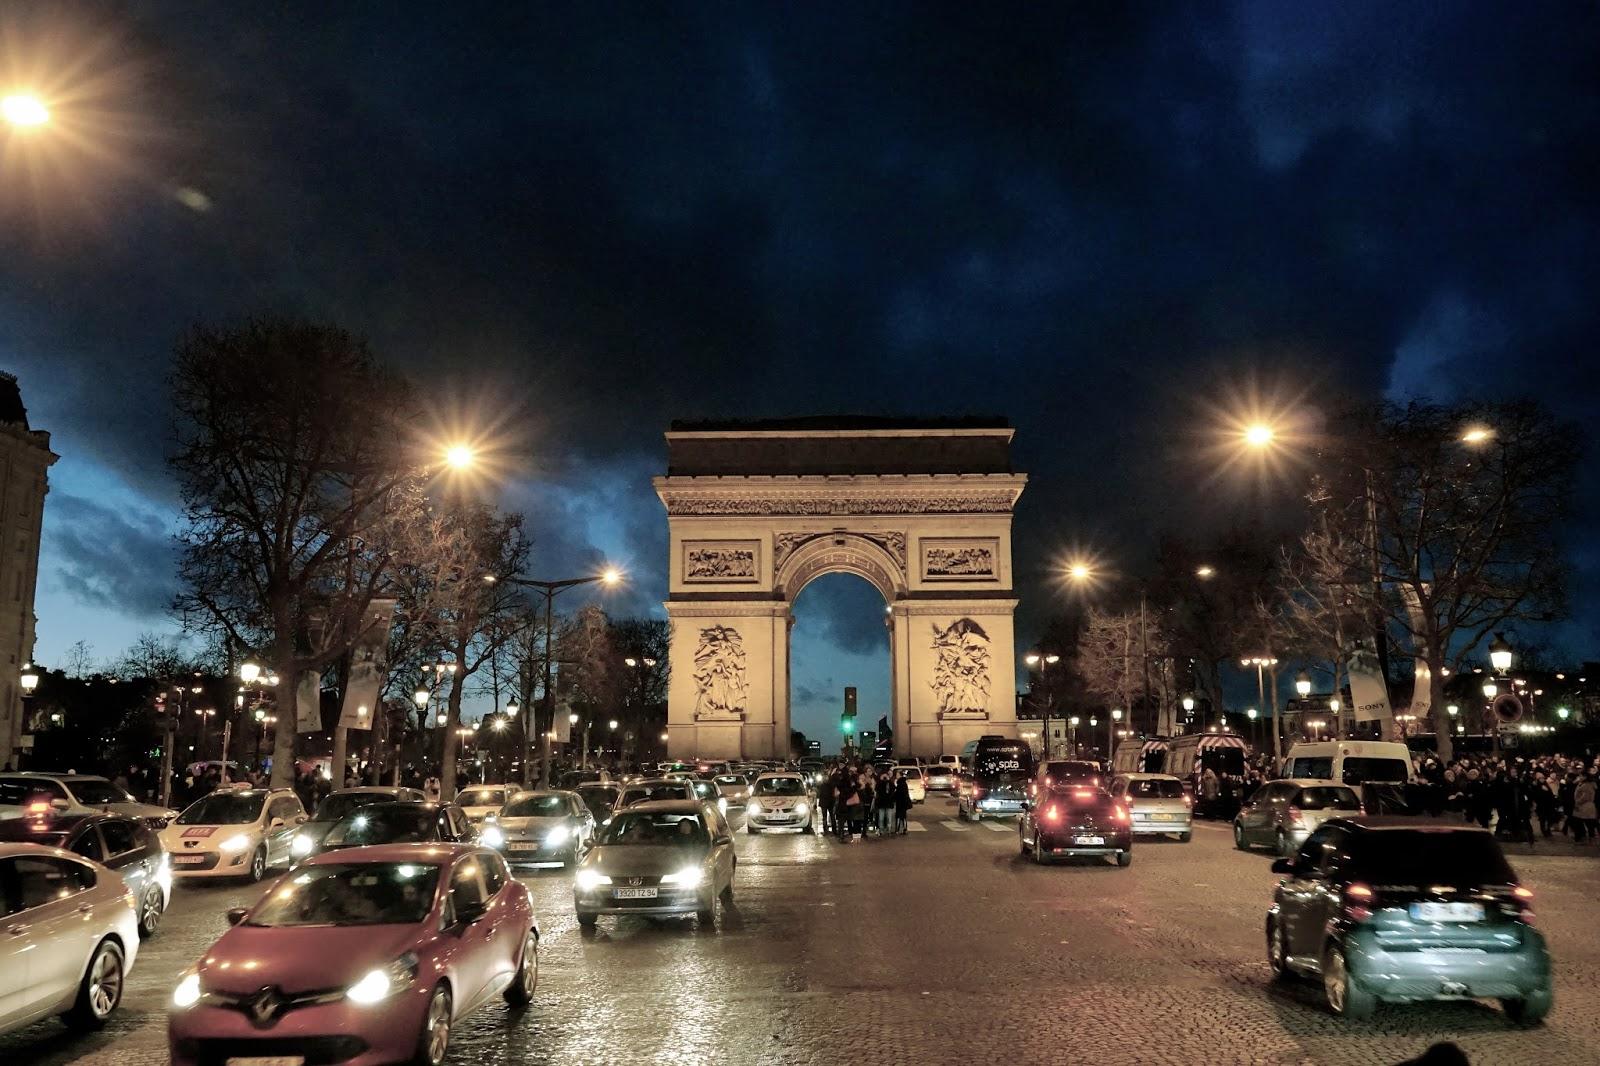 エトワールの凱旋門(Arc de triomphe de l'Étoile)